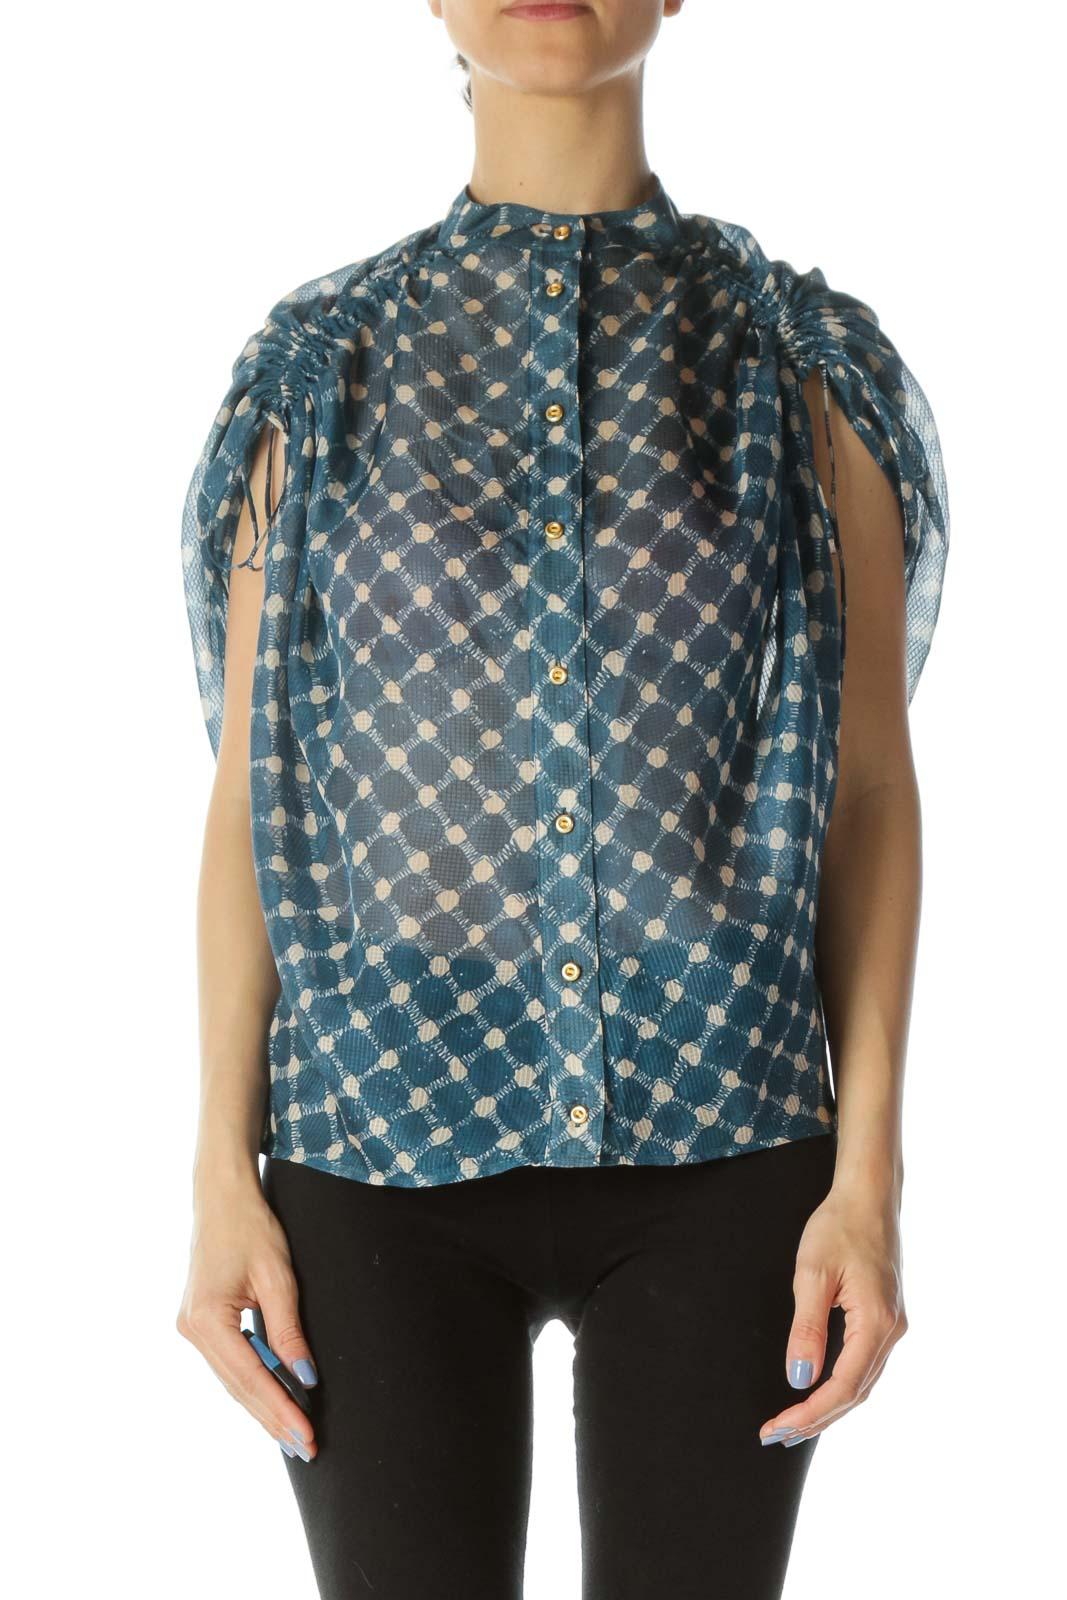 Blue & Beige Printed Designer Over-Sized Translucent 100% Silk Blouse